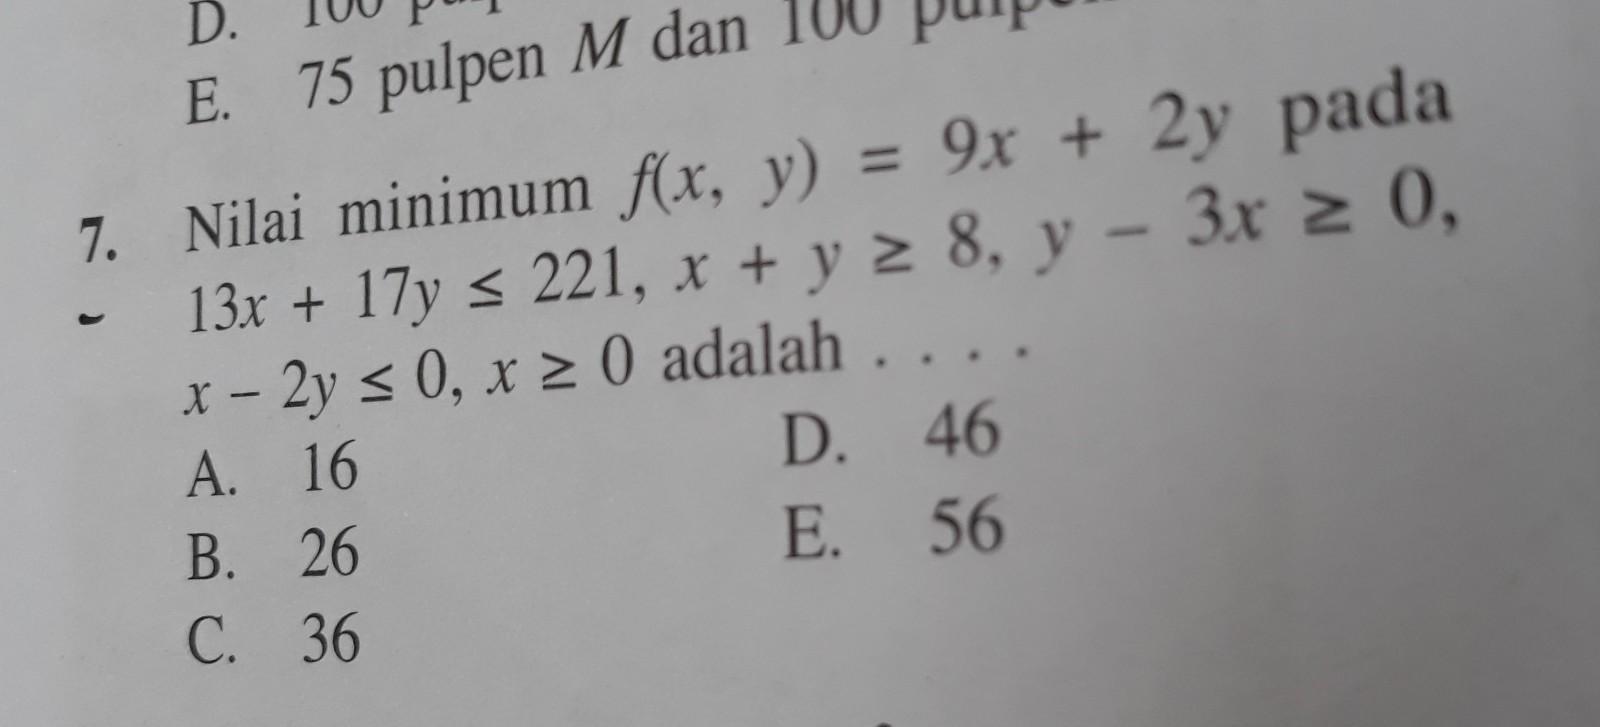 Nilai minimun f(x, y) = 9x+2y pada 13x+17y _ _ 8, y-3x>_ 0 ...